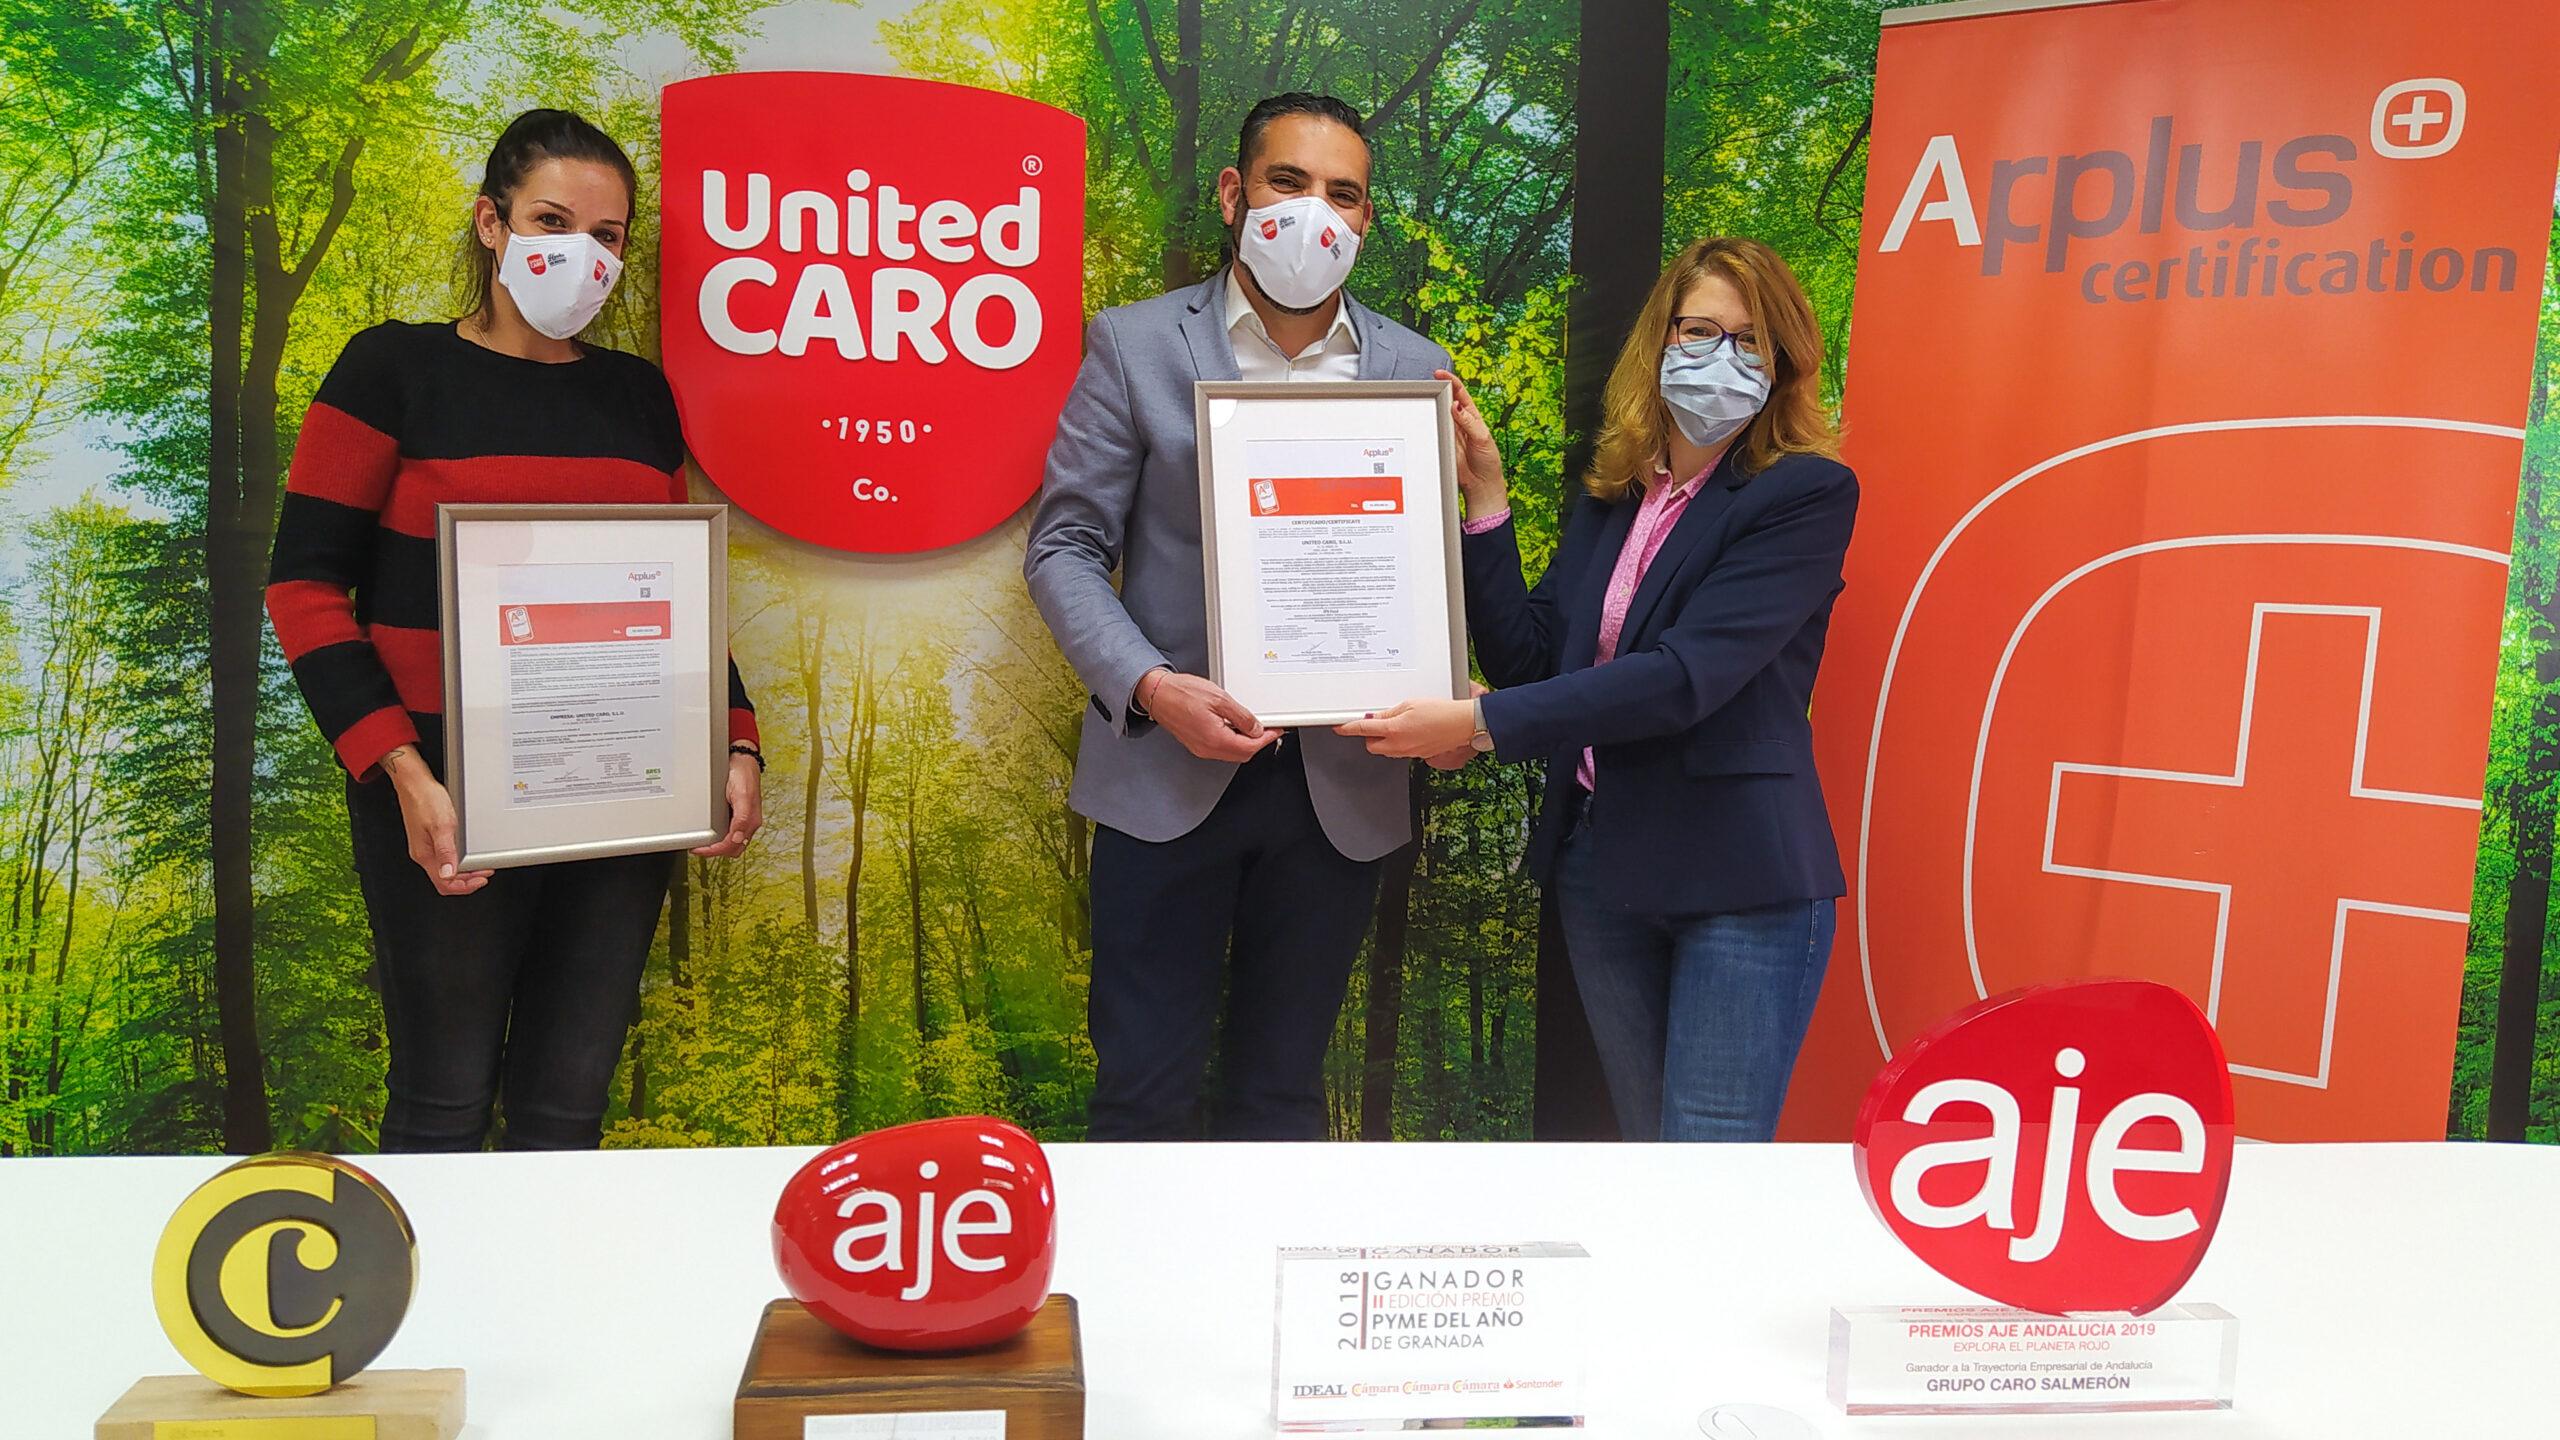 United Caro primera empresa a nivel mundial con certificaciones